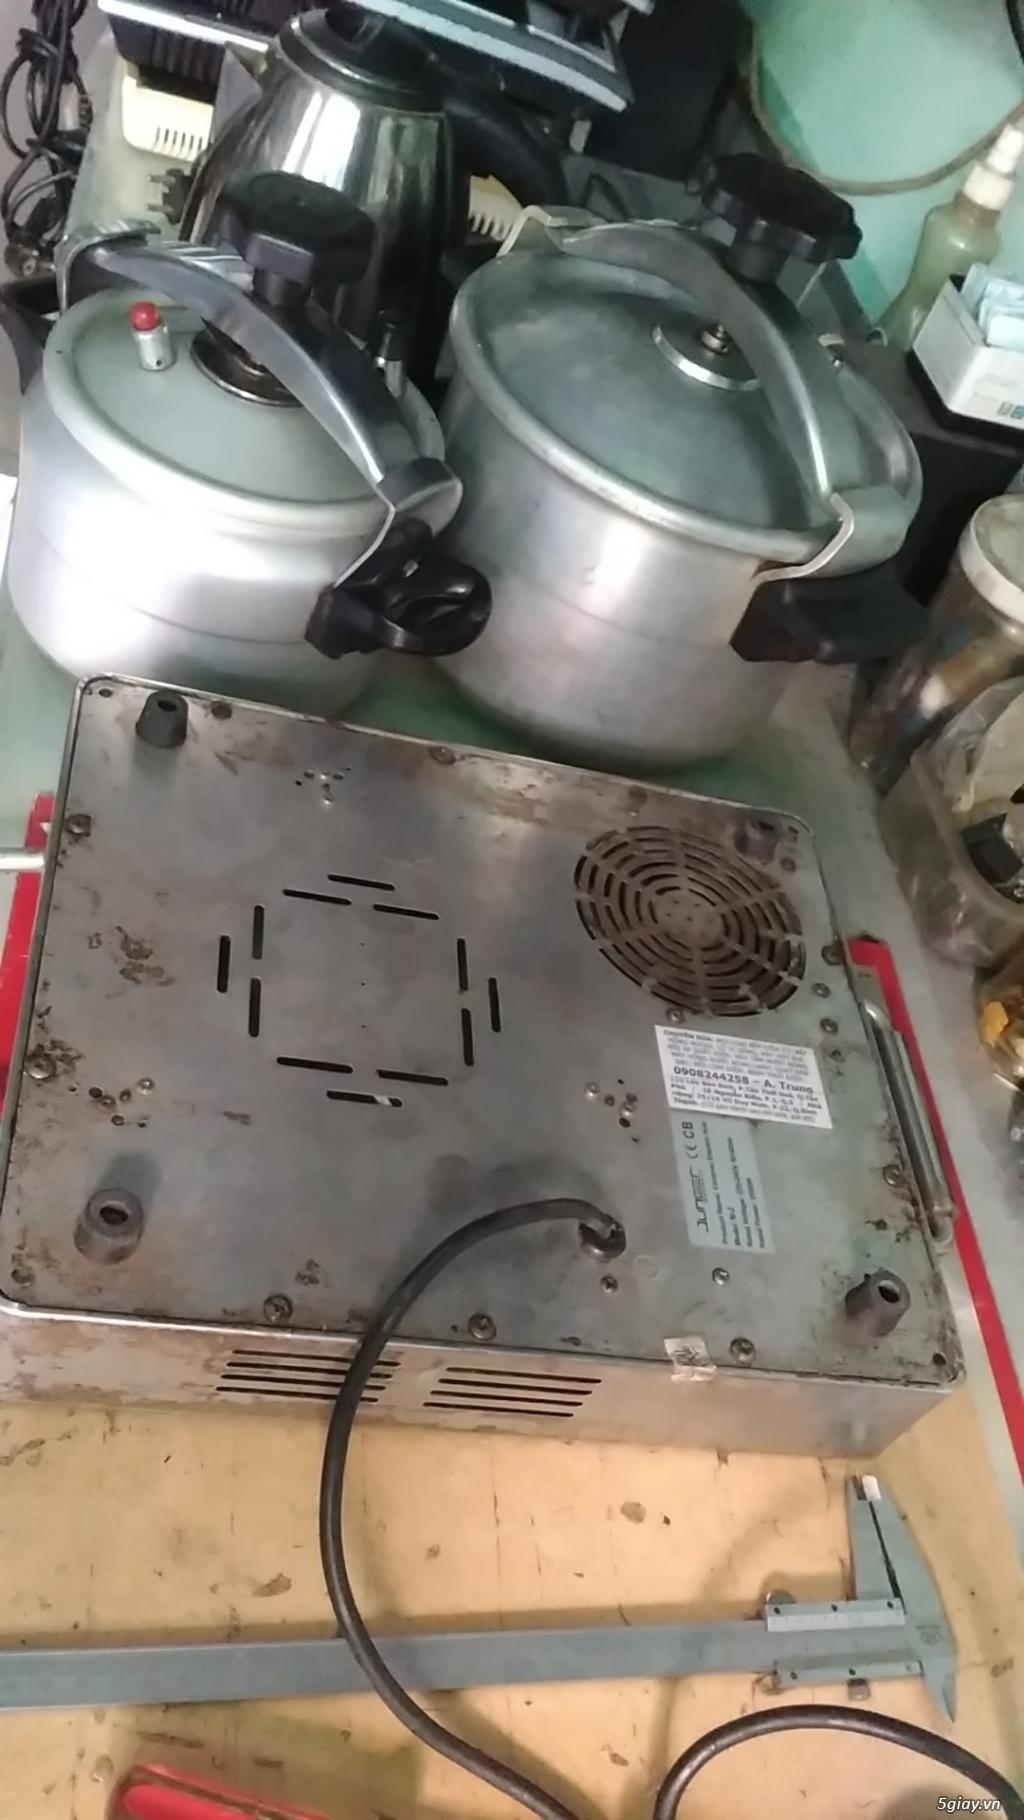 Chuyên sửa bếp hồng ngoại, 0908244258, sửa bếp điện từ, sửa nồi áp suất điện, sửa bếp quang - 5